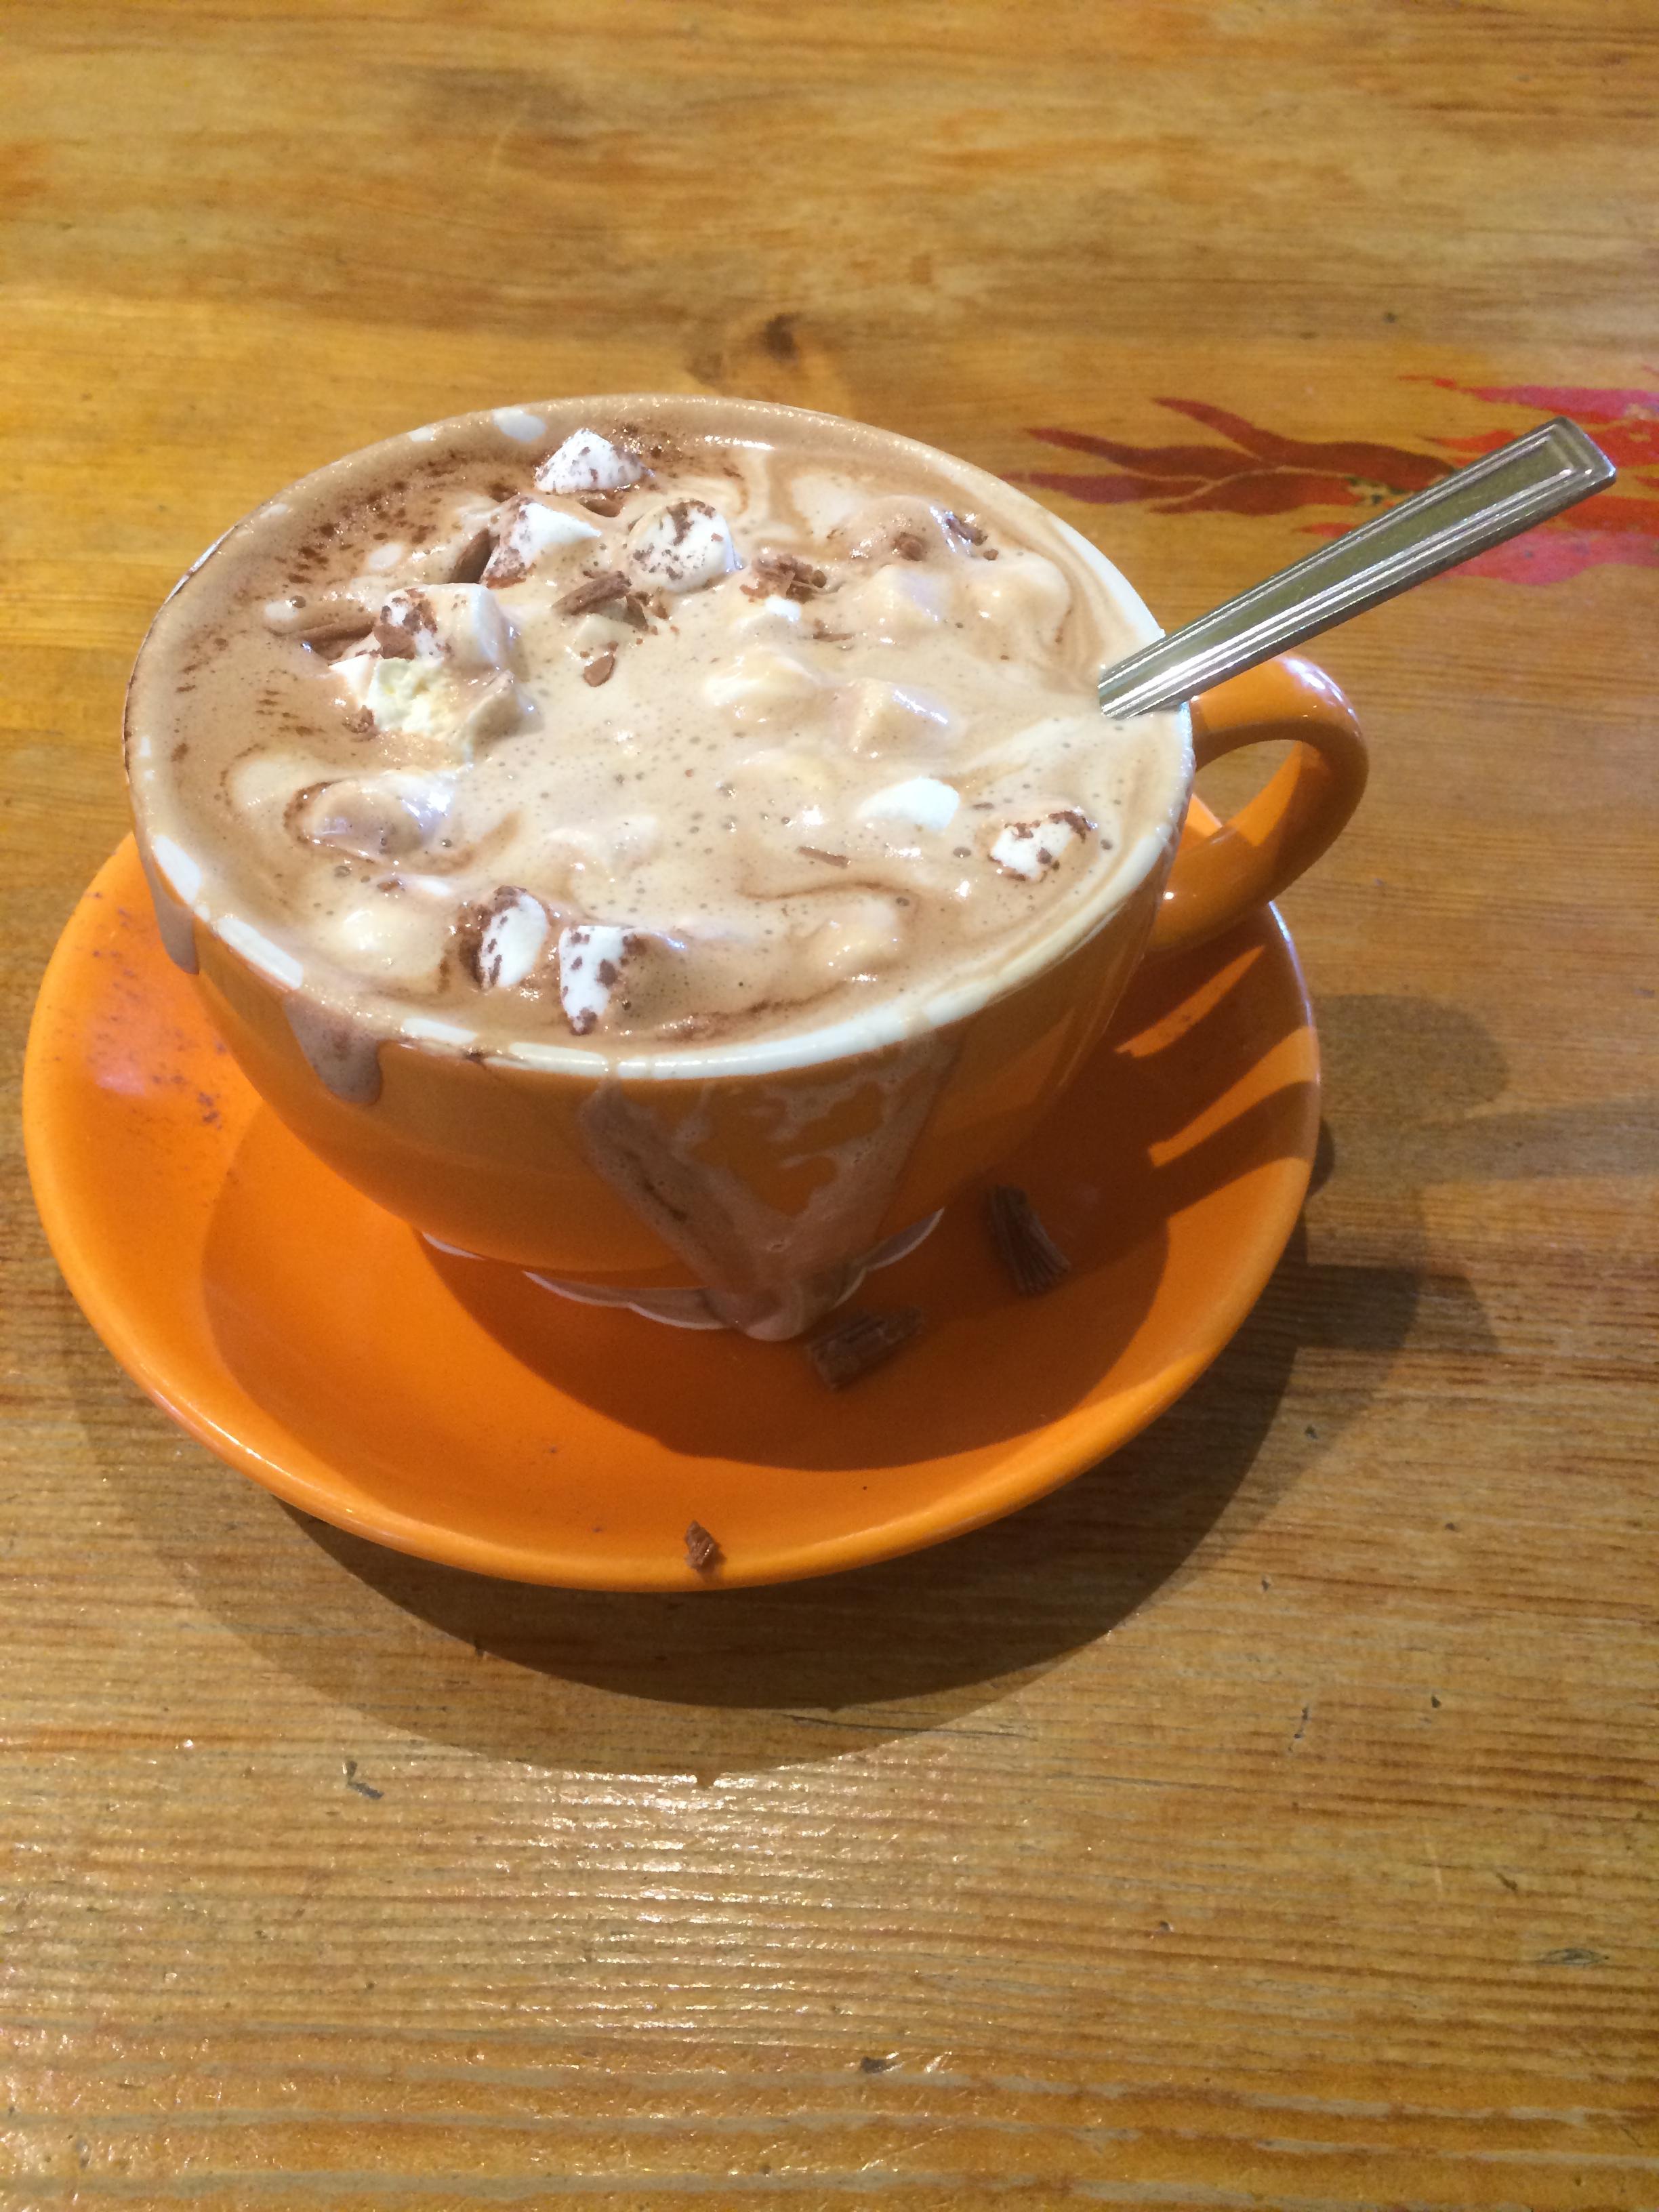 Chocolat chaud et marshmallow - Café Arriba - Portree - Ile de Skye - Ecosse